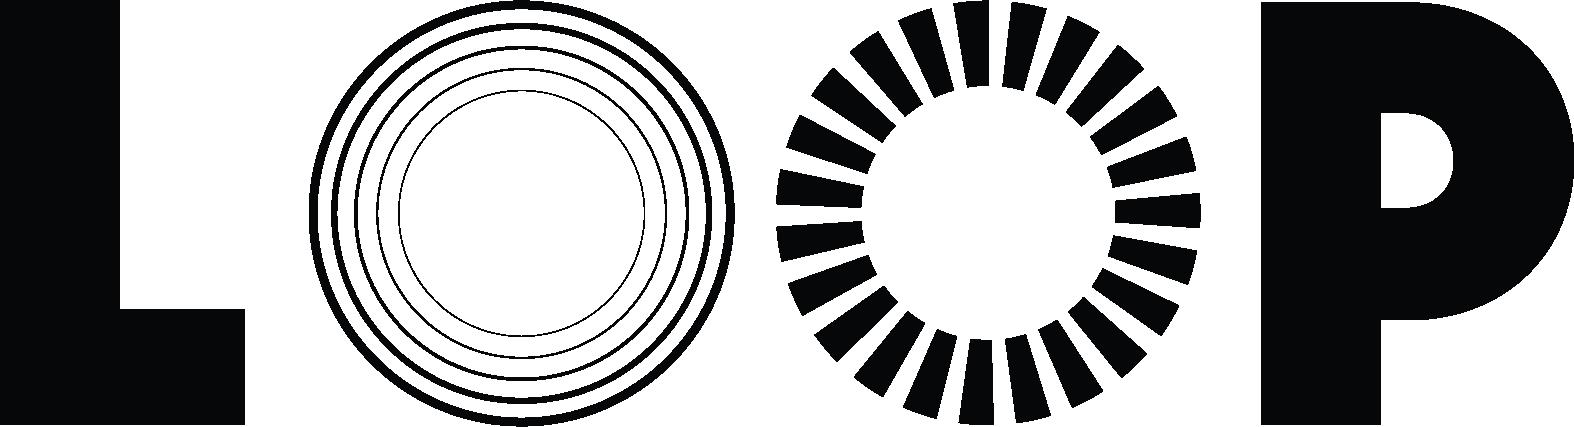 LOOP logo final 03